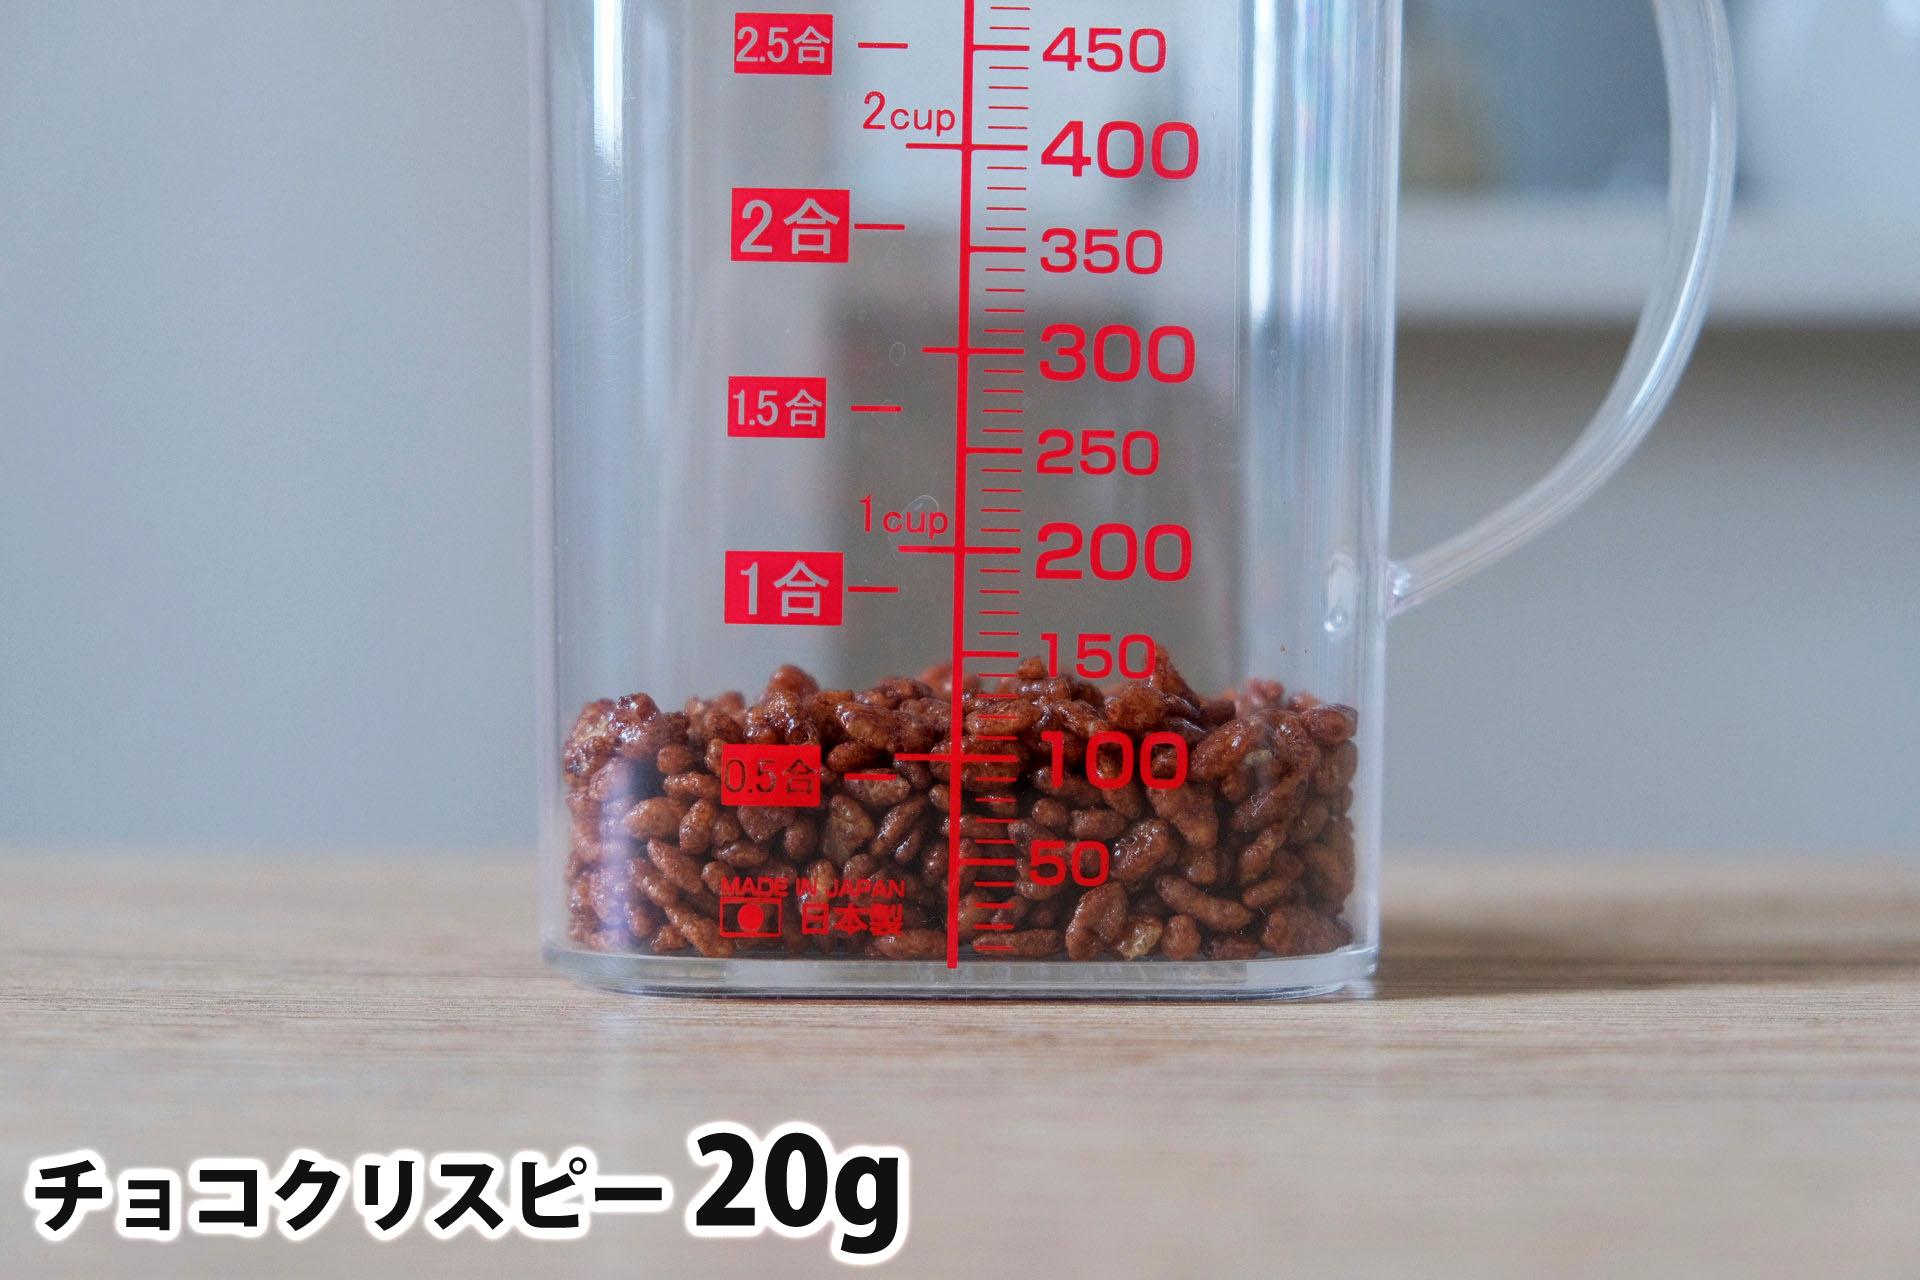 チョコクリスピー20gの分量